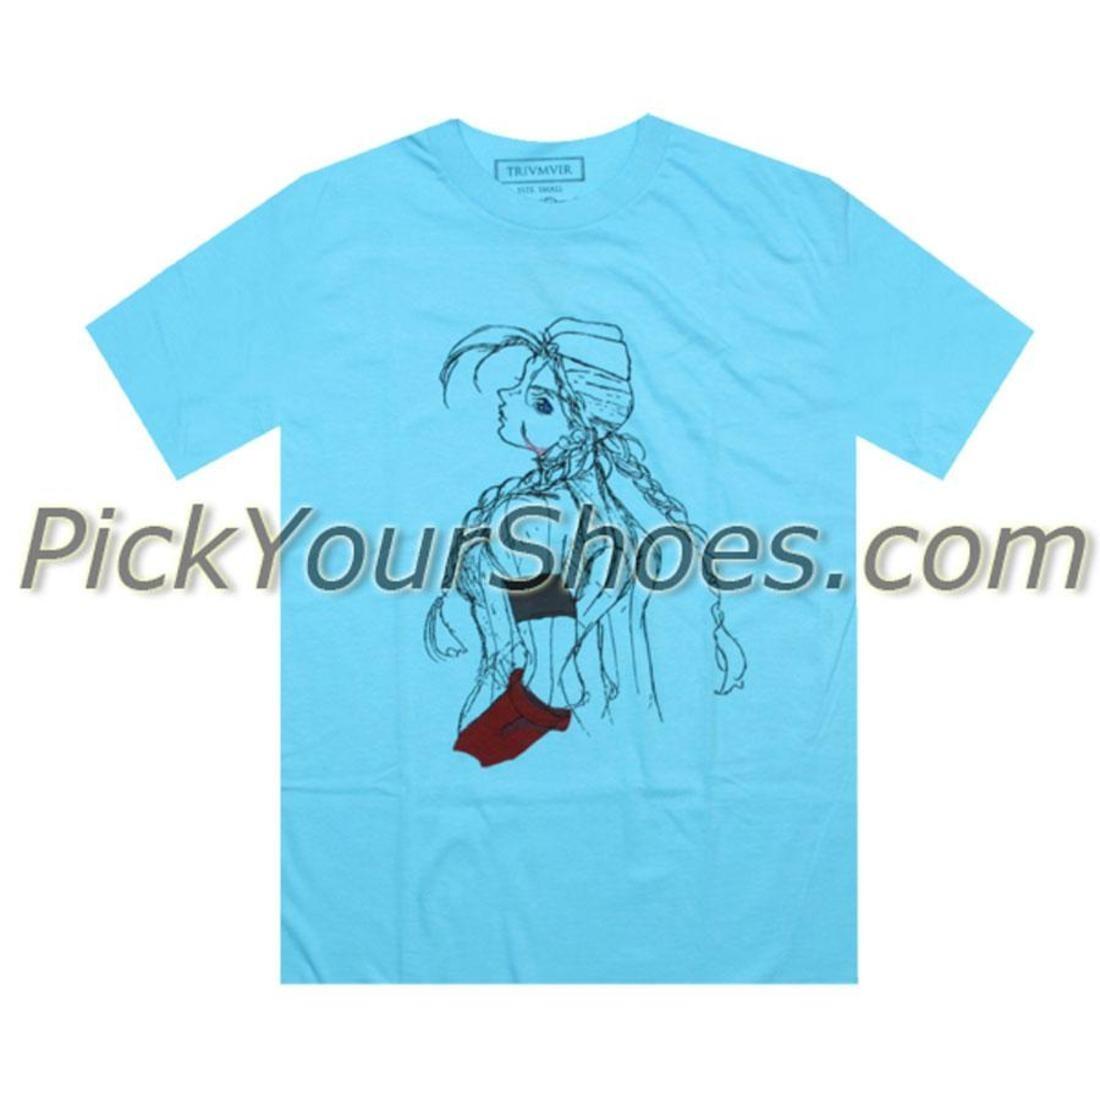 【海外限定】ストリート ファイター Tシャツ メンズファッション 【 STREET TRIUMVIR FIGHTER TEE CAMMY TEAL 】